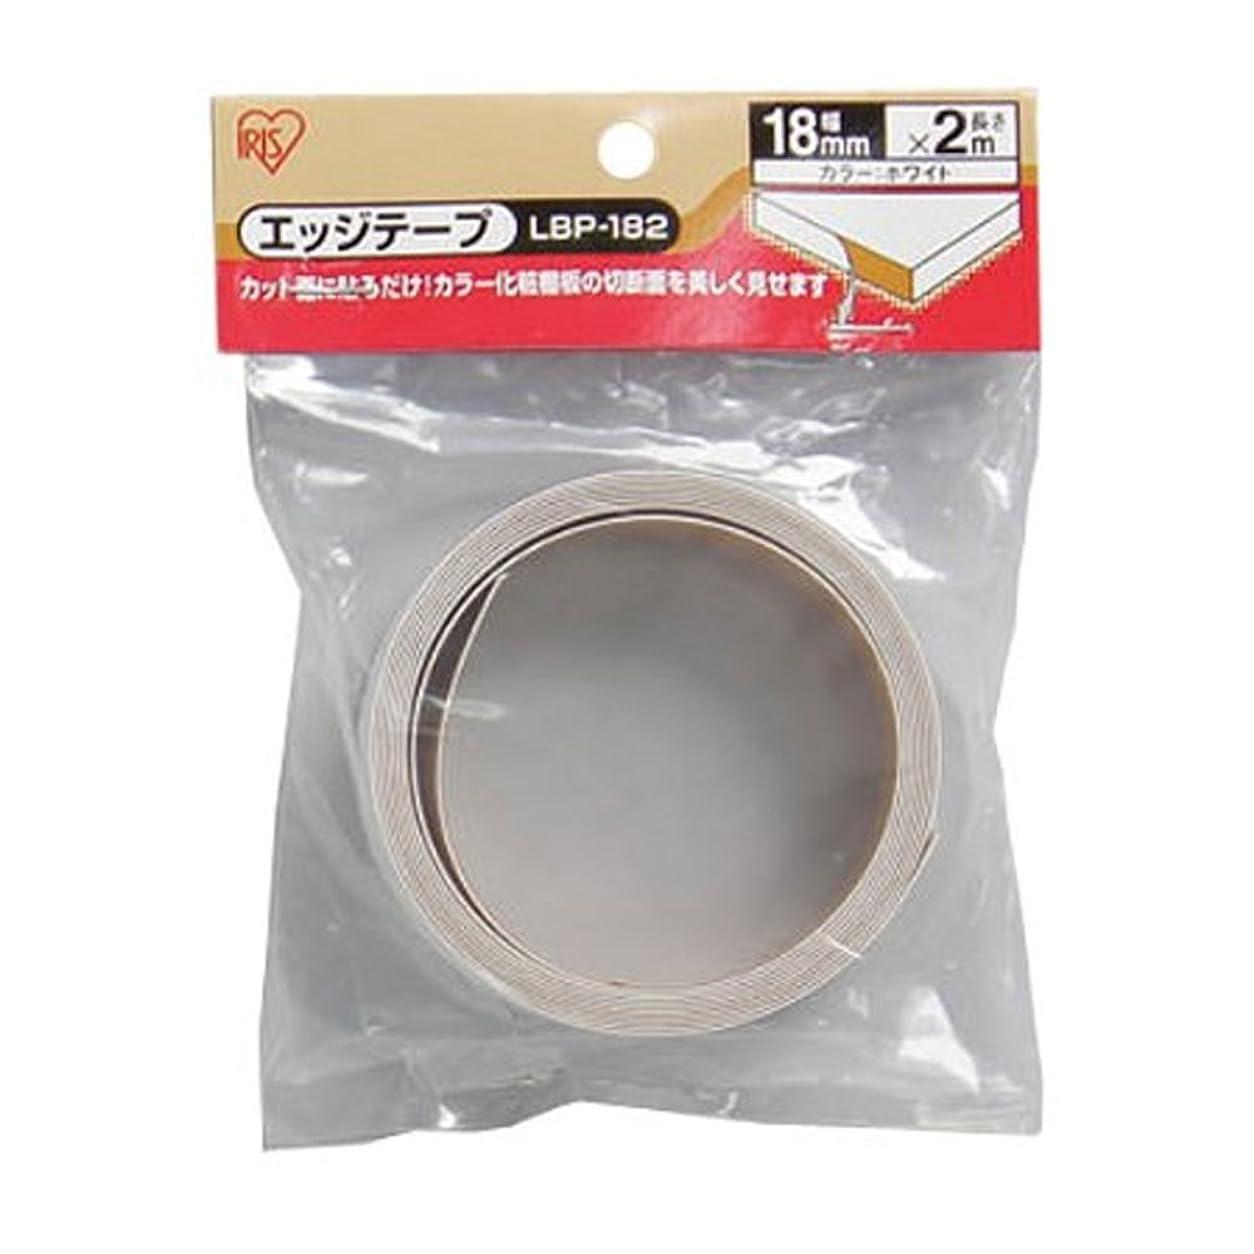 スタイルソビエト避けるアイリスオーヤマ エッジテープ カラー化粧棚板 18mm ホワイト LBP-182